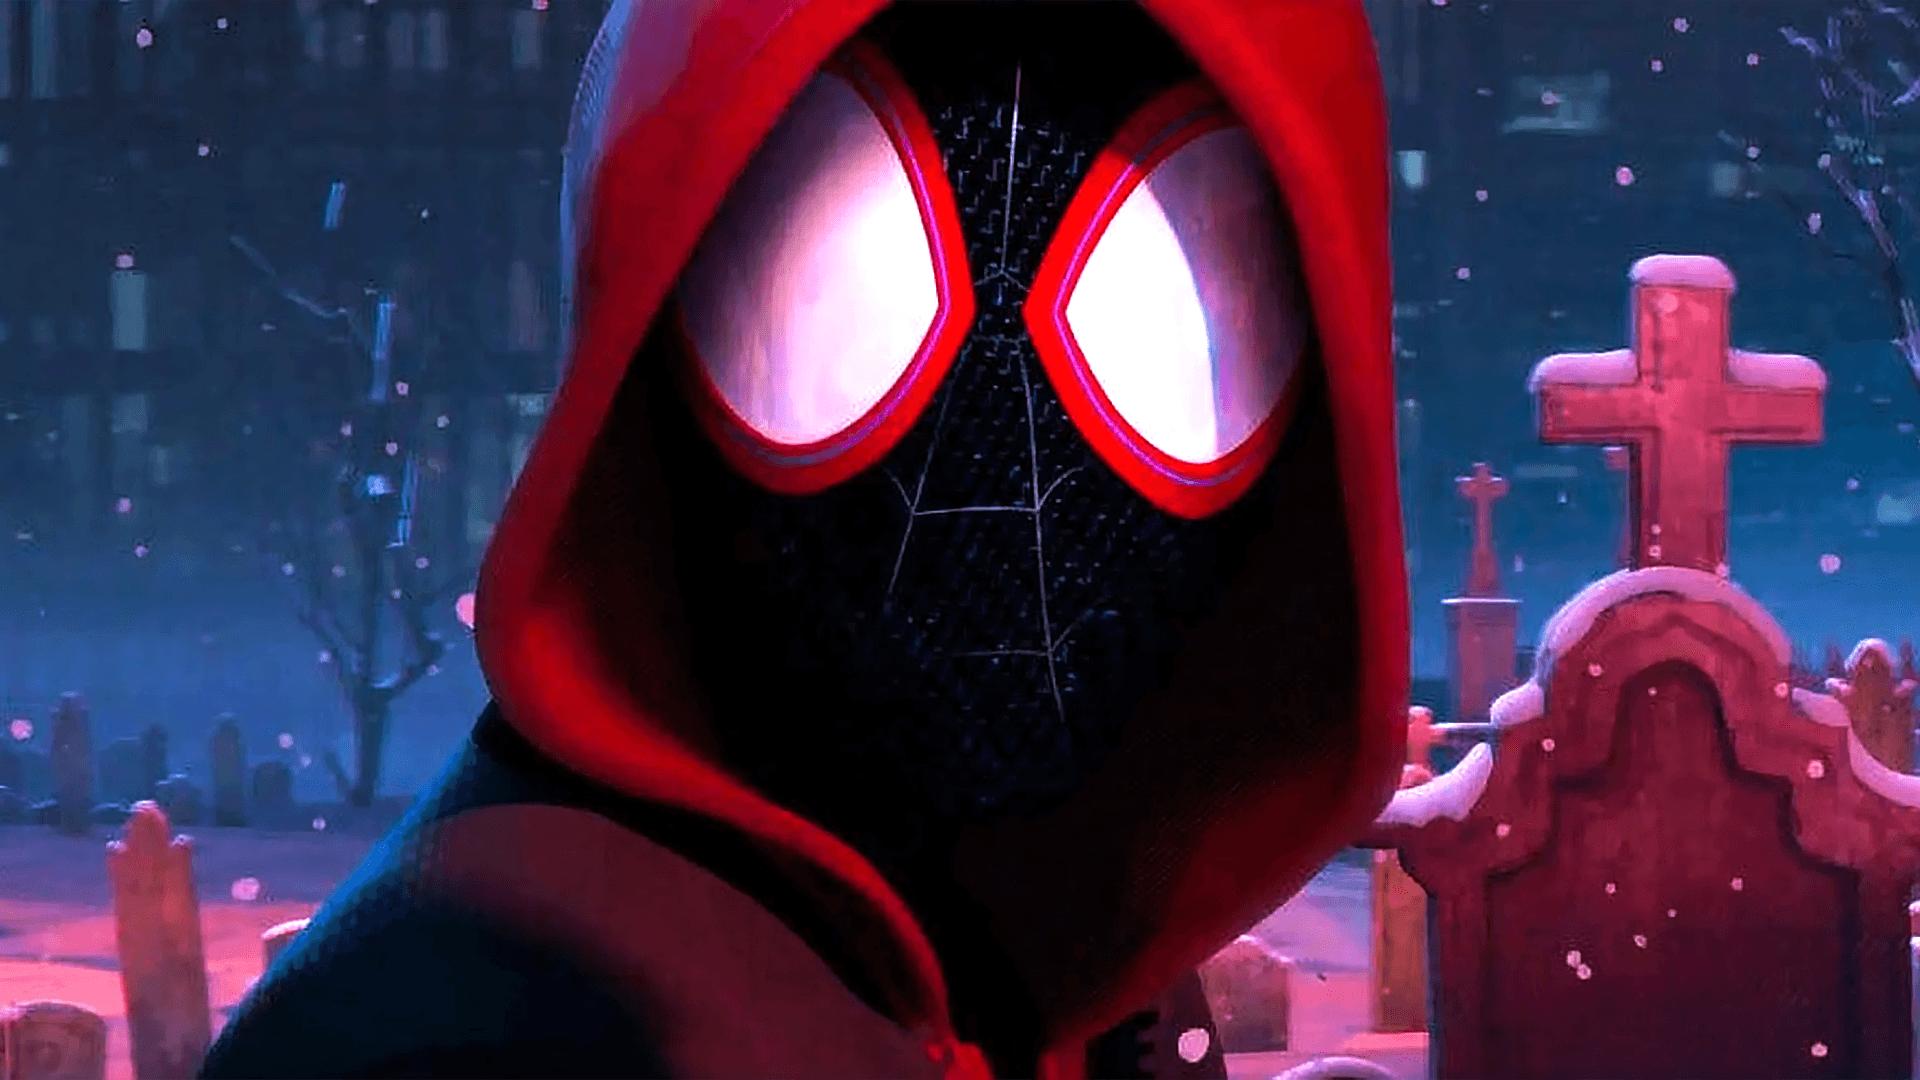 spider-man paralelne svety 2